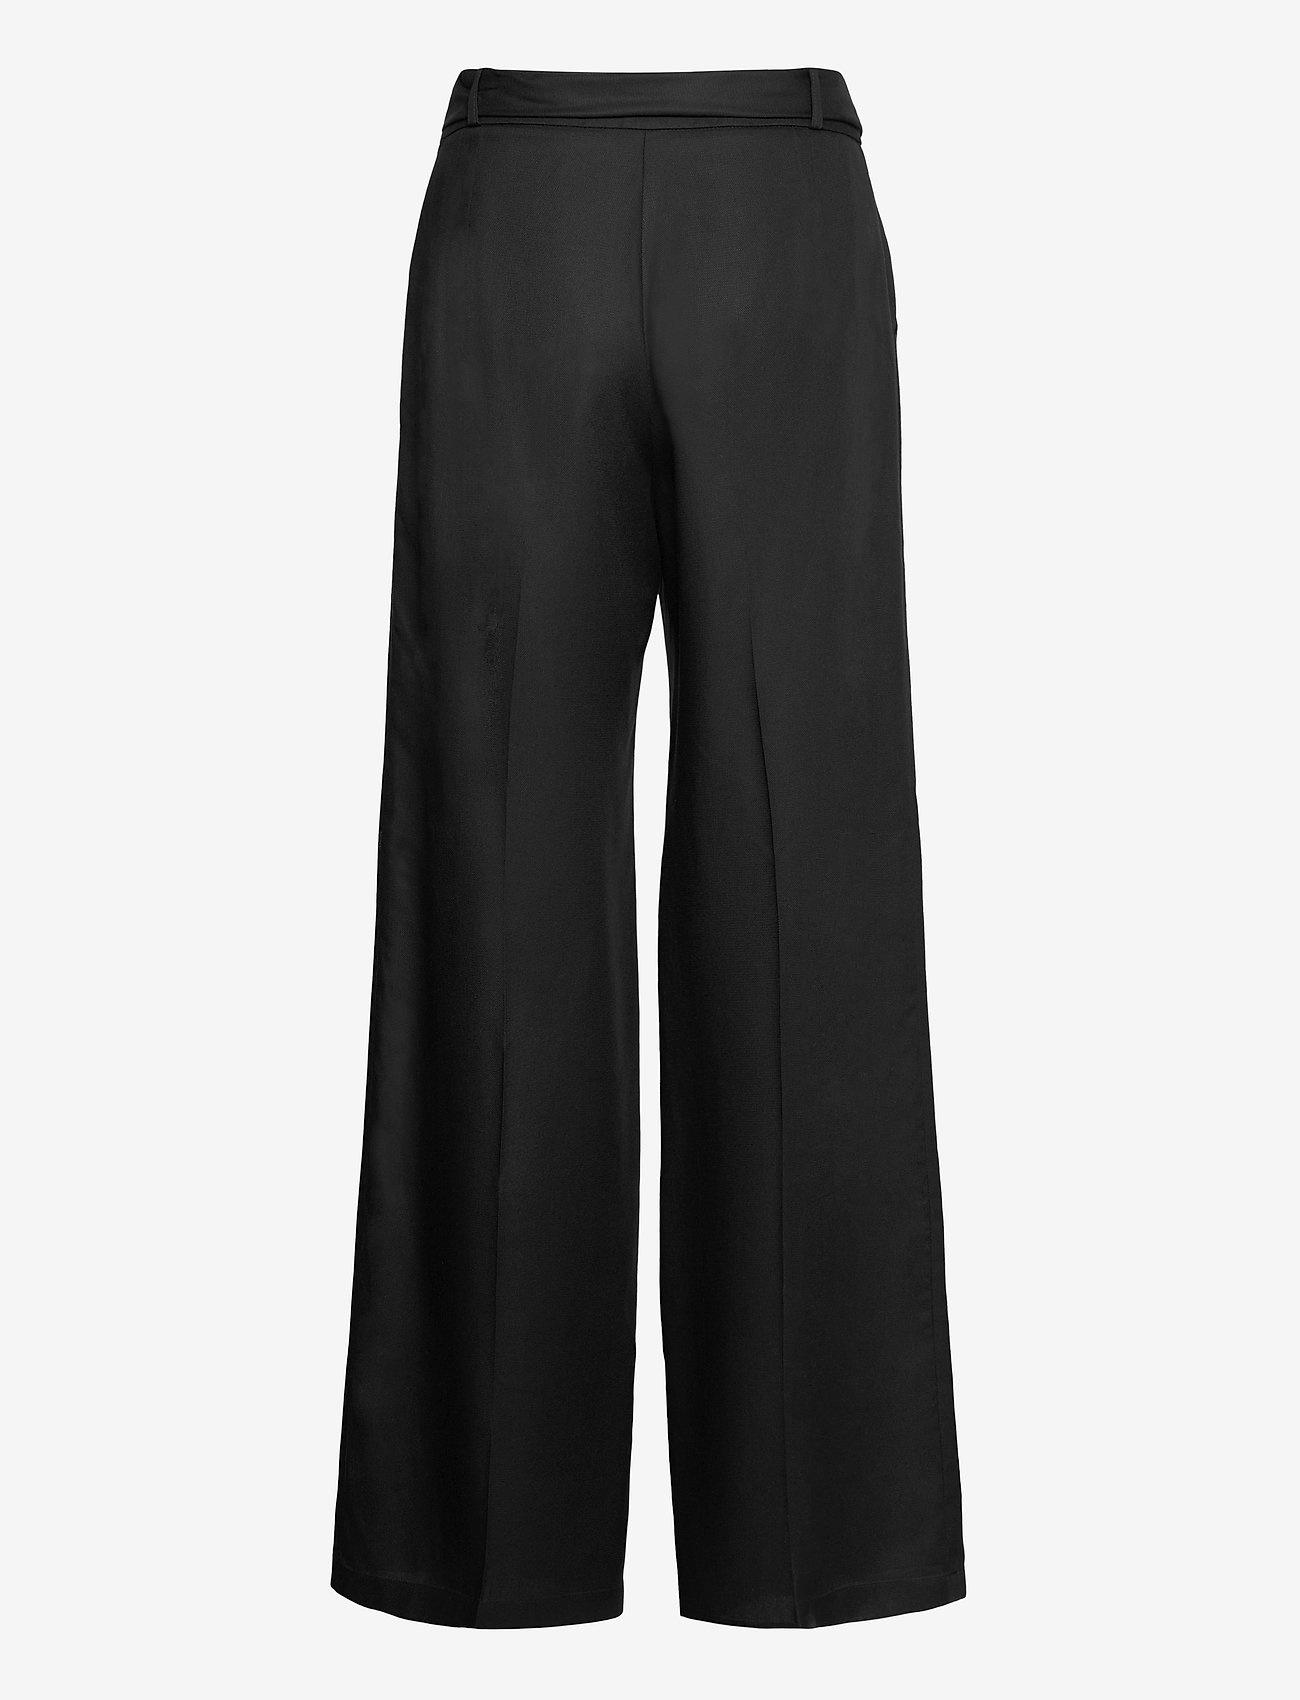 Mother of Pearl Dames broek, zwart